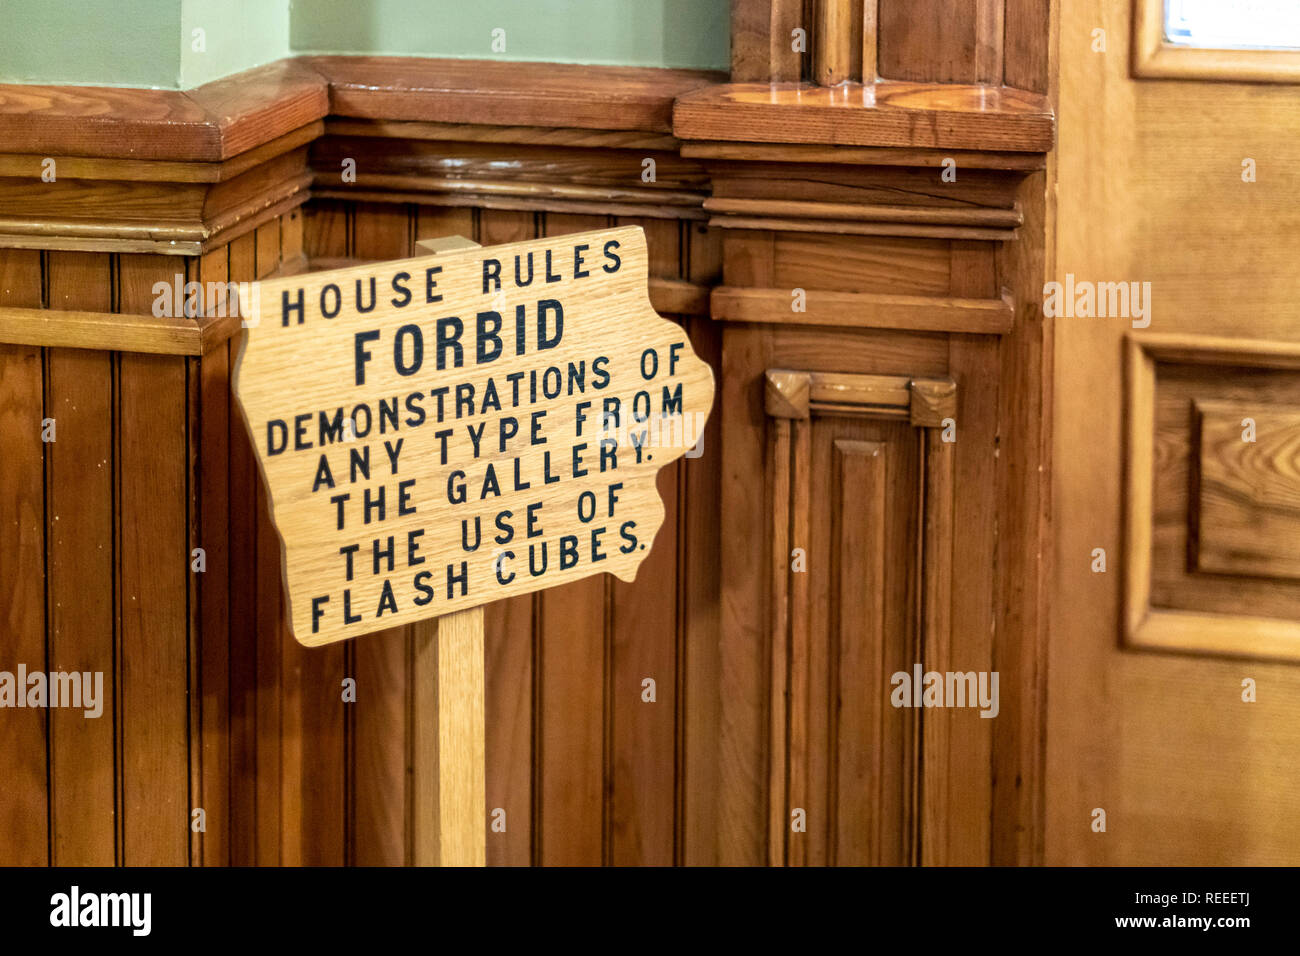 Des Moines, Iowa - une affiche à l'extérieur de la Chambre des représentants visiteurs gallery à l'Iowa State Capitol building met en garde les visiteurs de ne pas tenir demonstr Photo Stock